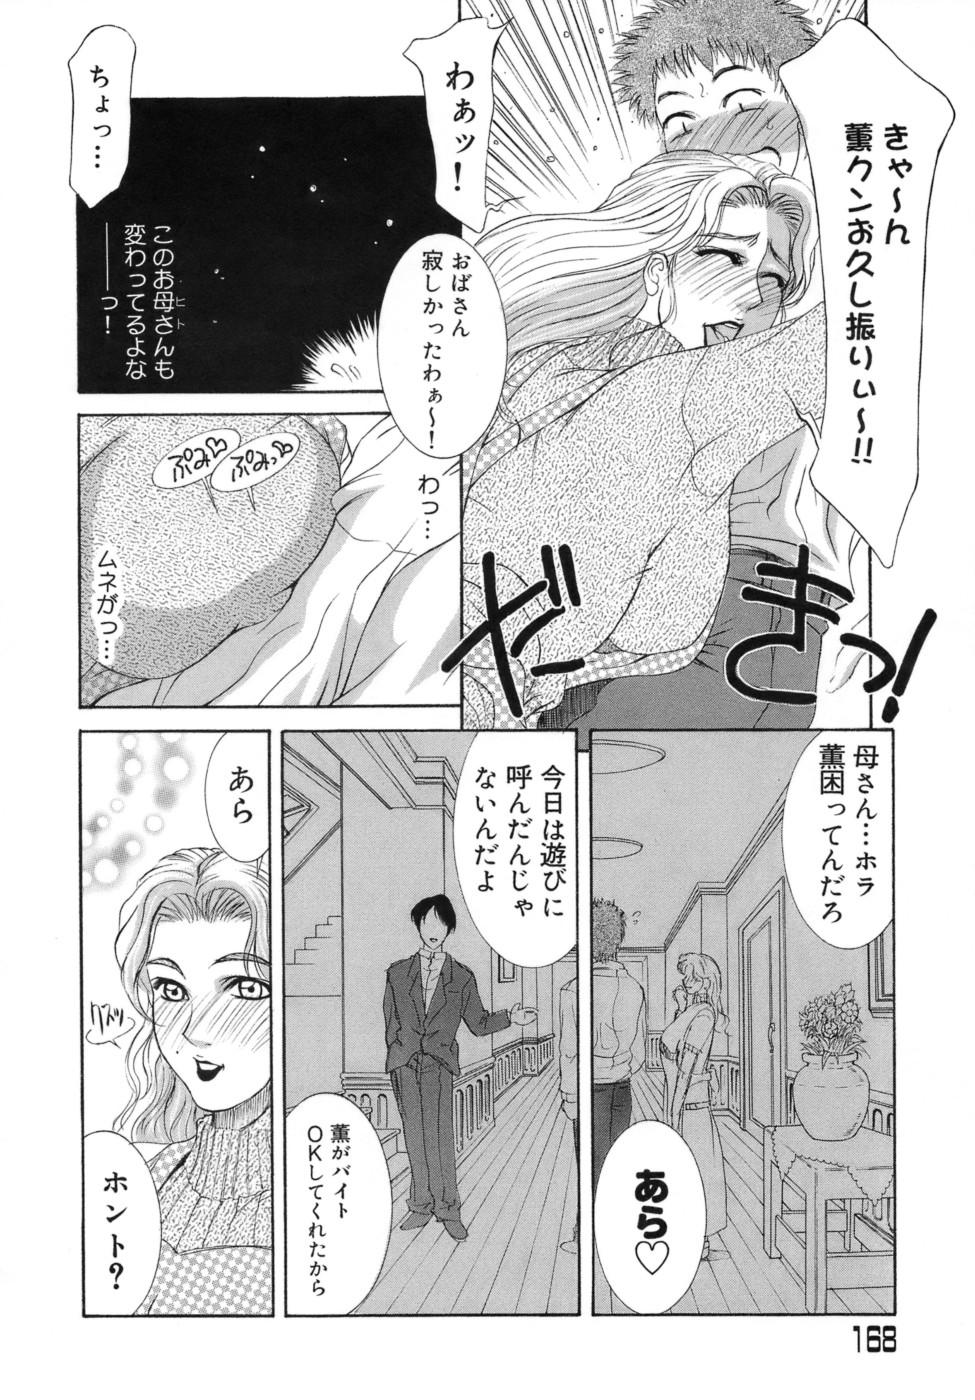 Hitoduma Ecchi 170